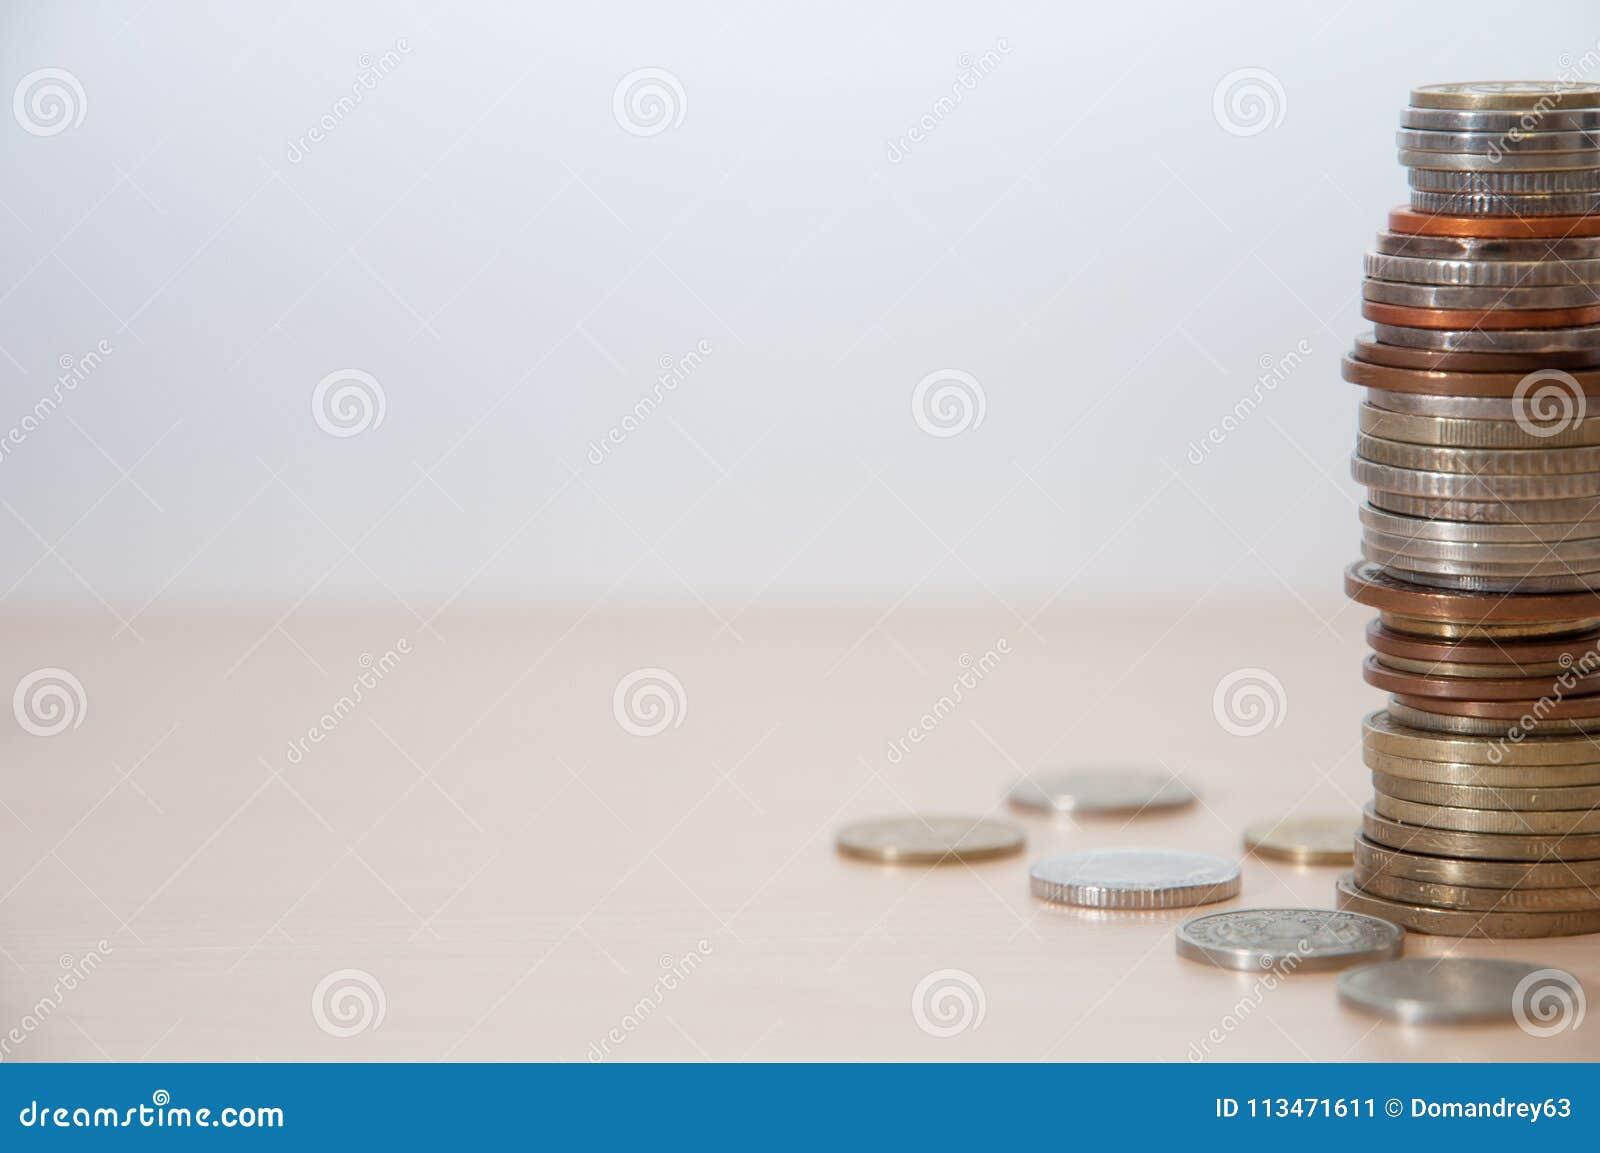 Uma pilha de moedas de países diferentes, de cor, de dignidade e de tamanho no direito na borda da imagem